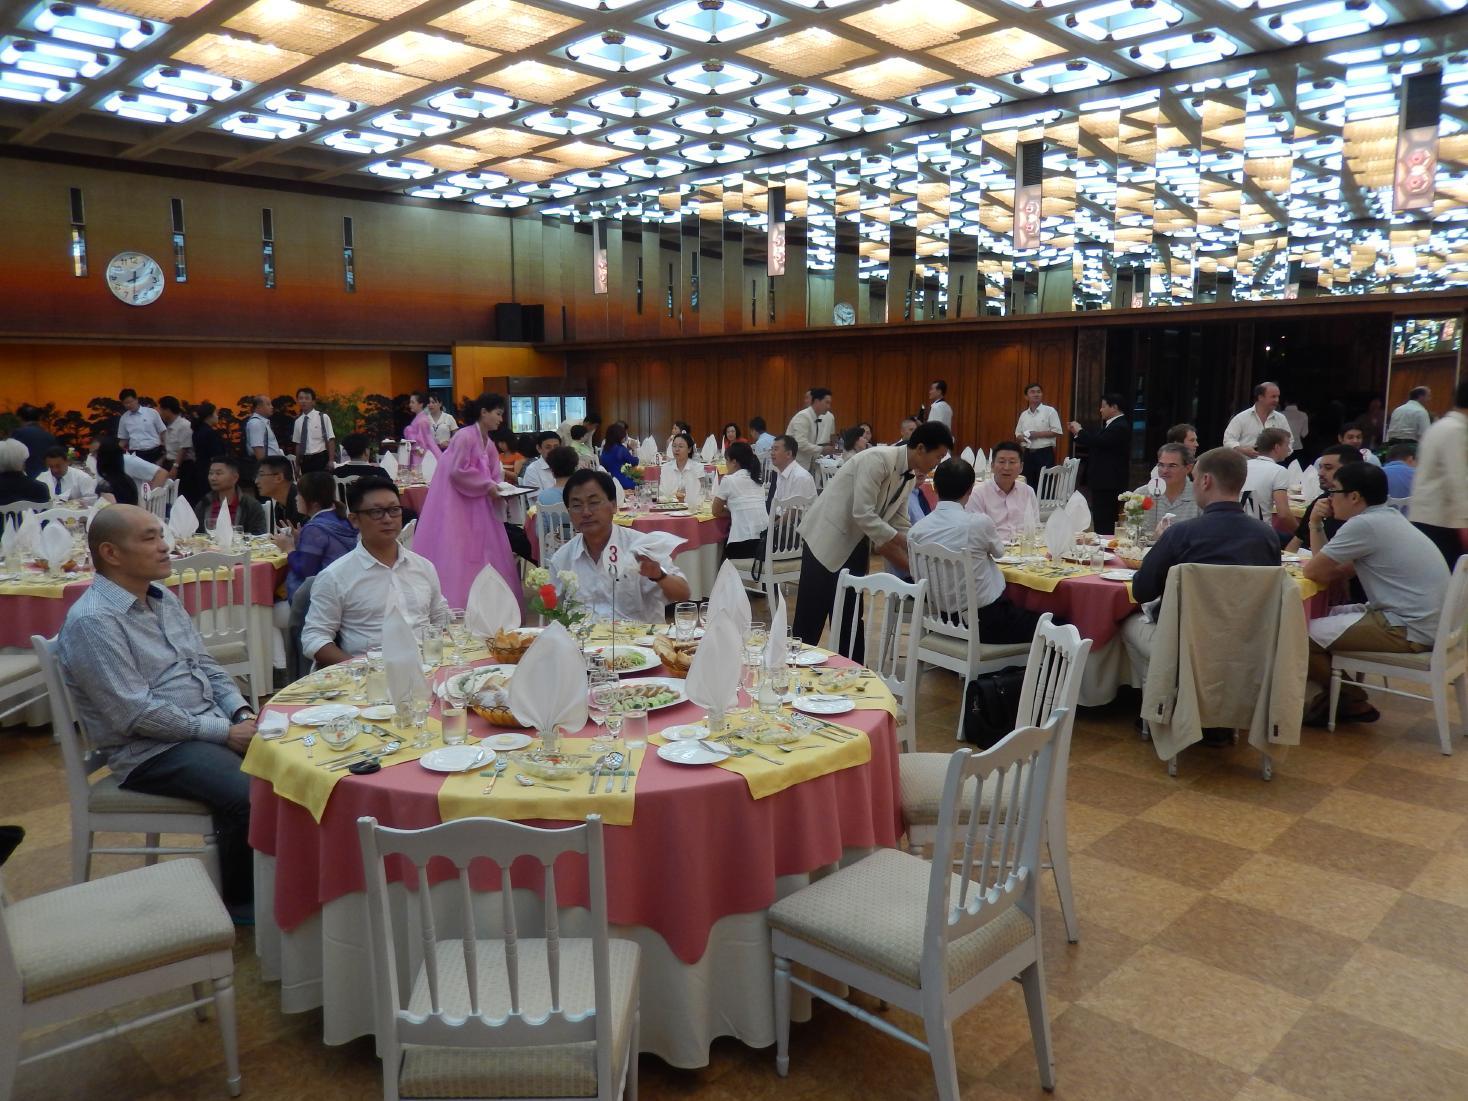 2013年版 北朝鮮のグルメ~5泊6日食事14回のすべて【前編】_b0235153_22433556.jpg